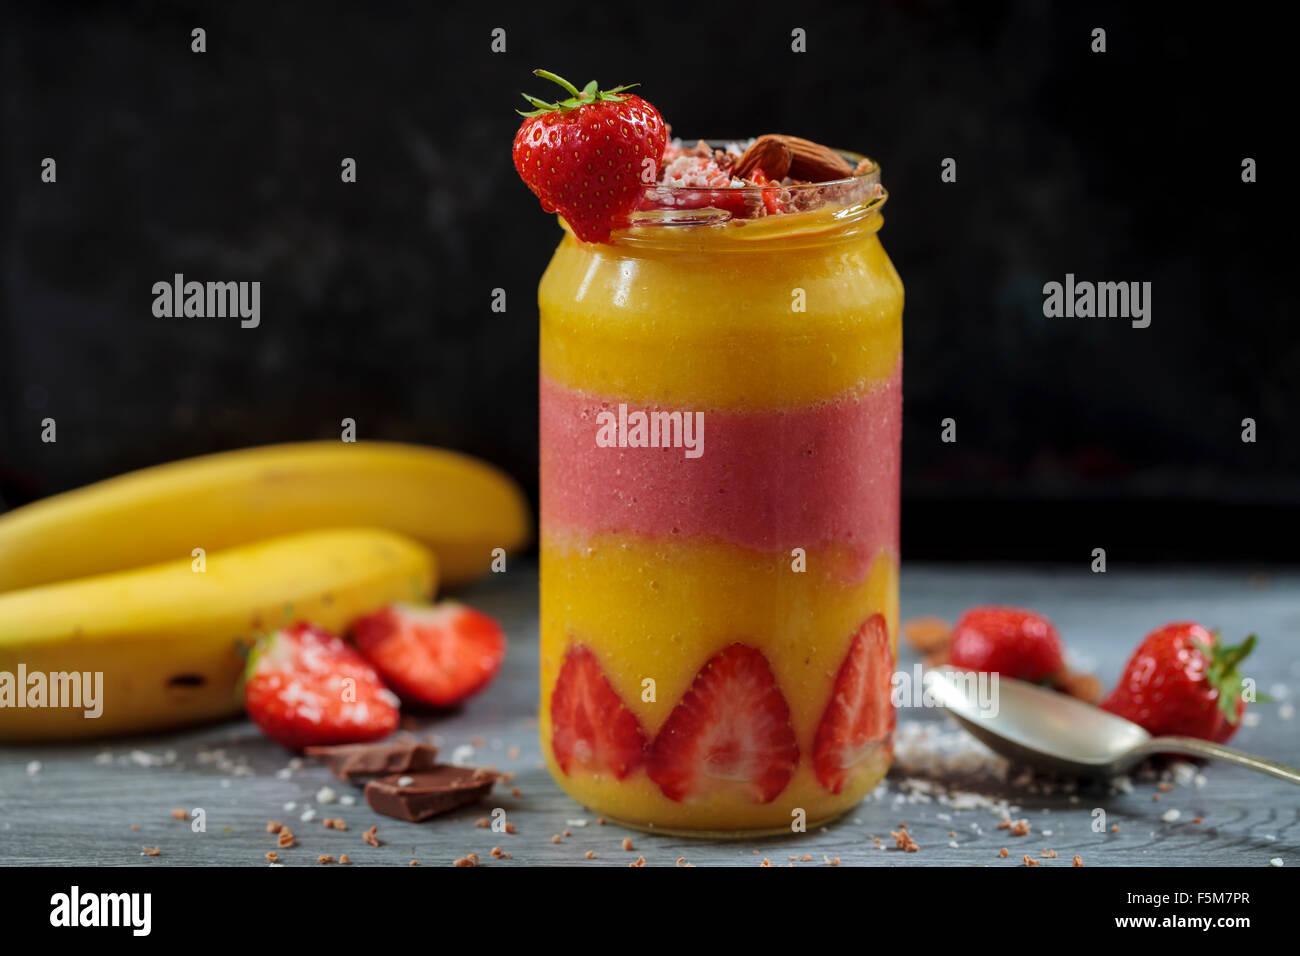 Batido de Mango y Fresa Imagen De Stock